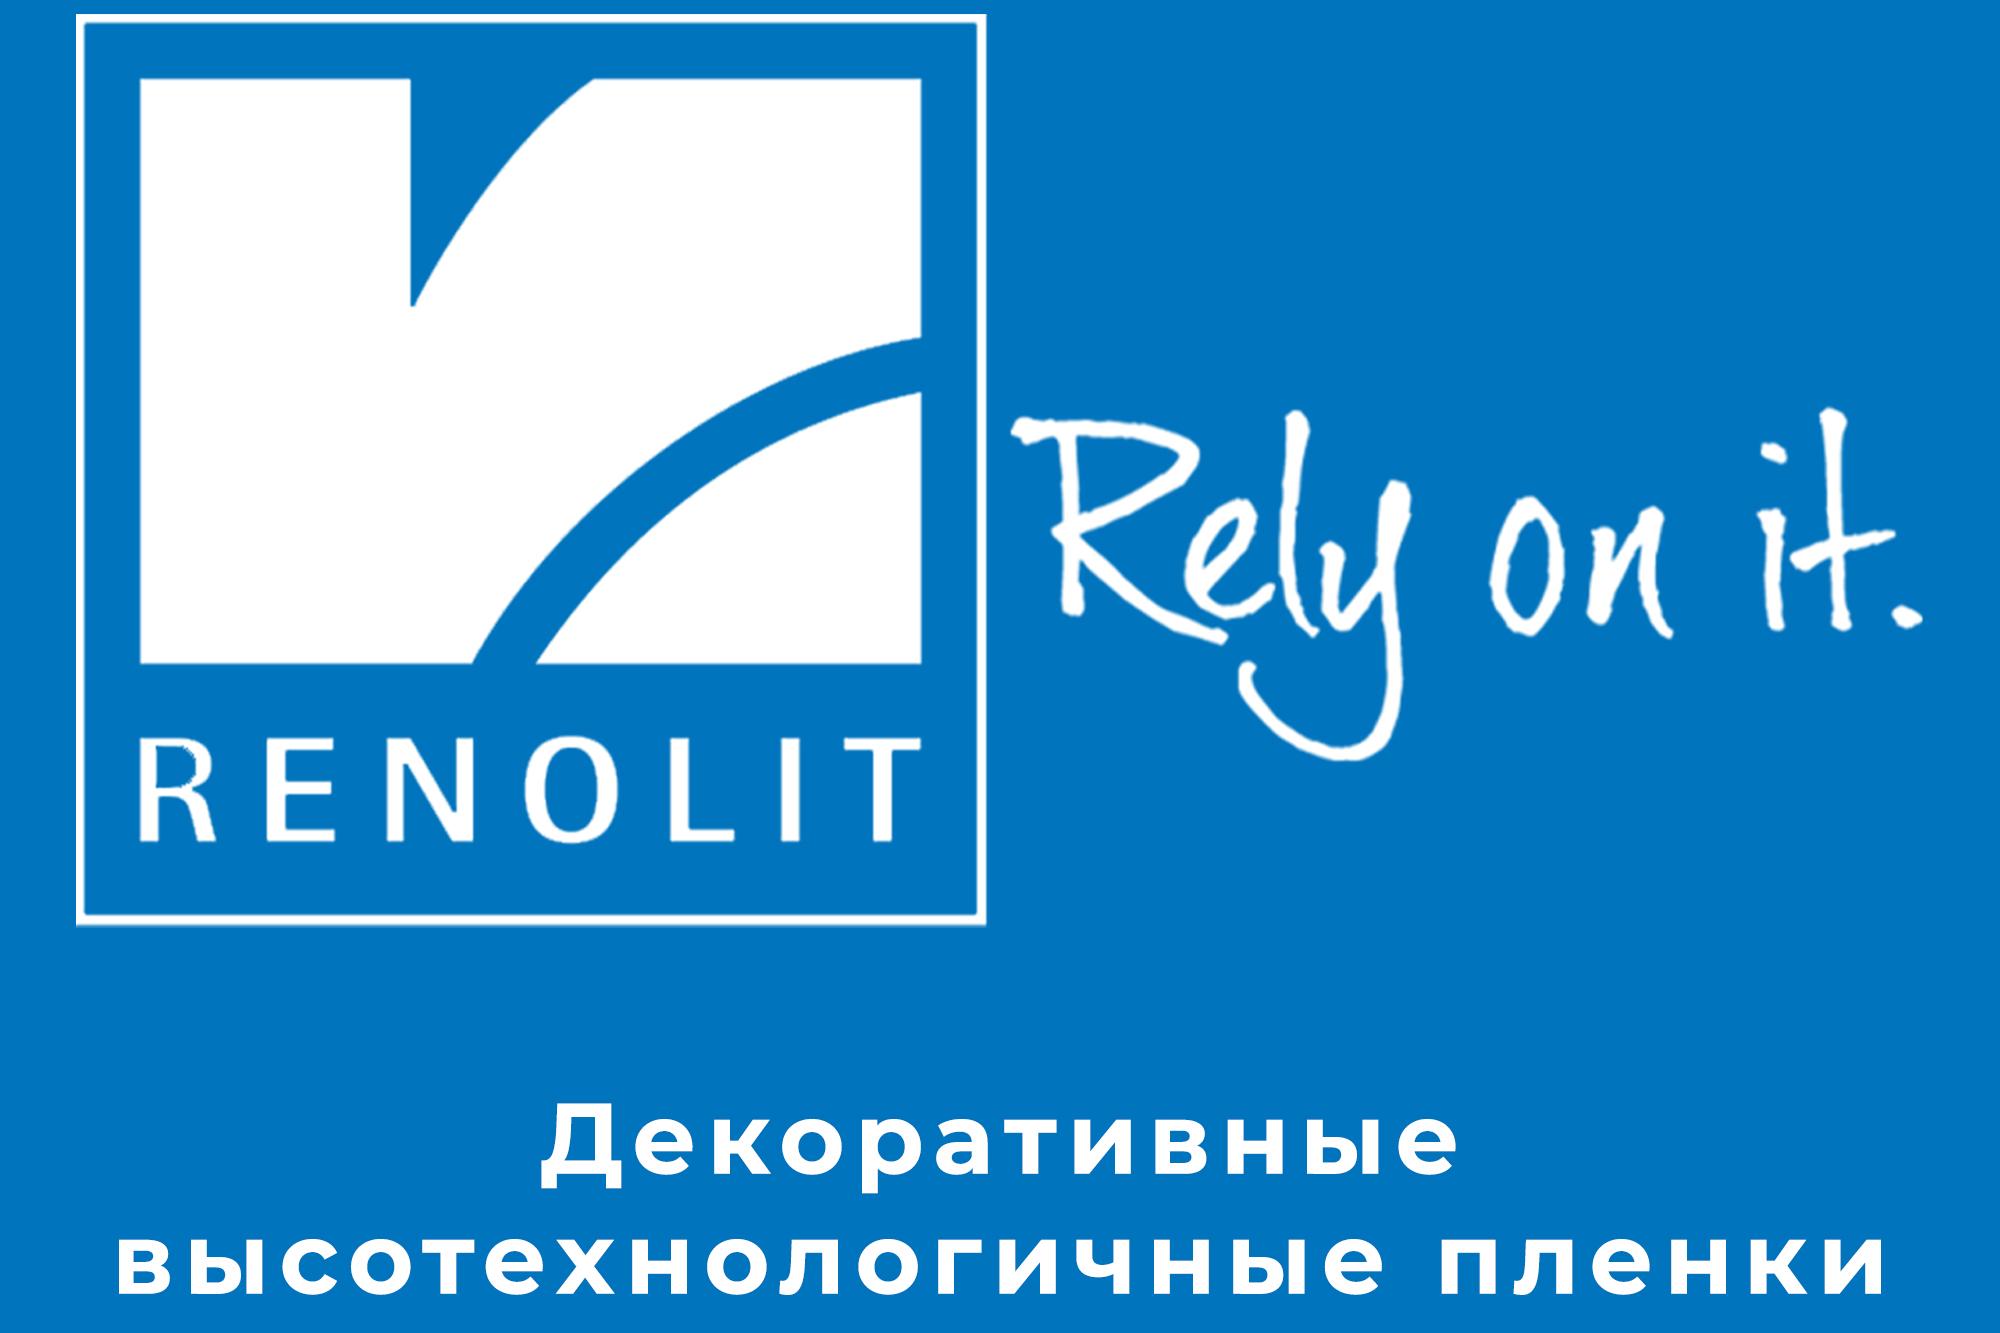 История бренда RENOLIT